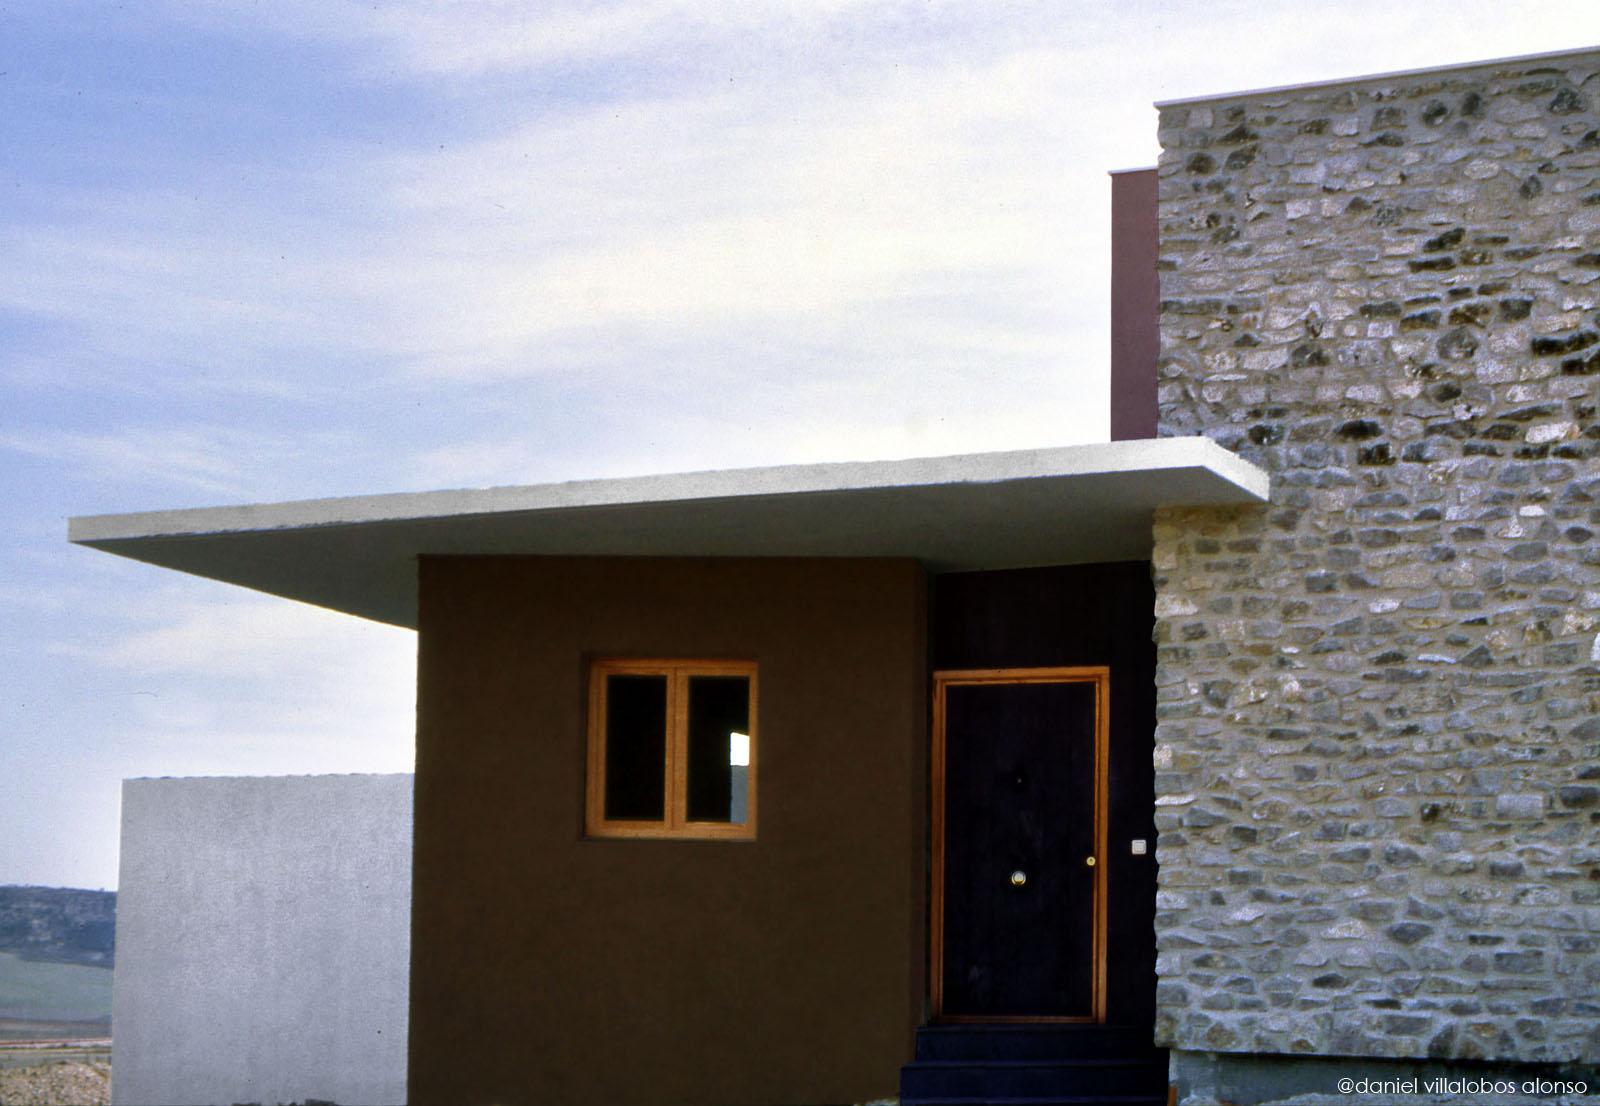 danielvillalobos-spanish-architecturexxthcentury-stonearchitecture-spanisharchitecturemodern-6